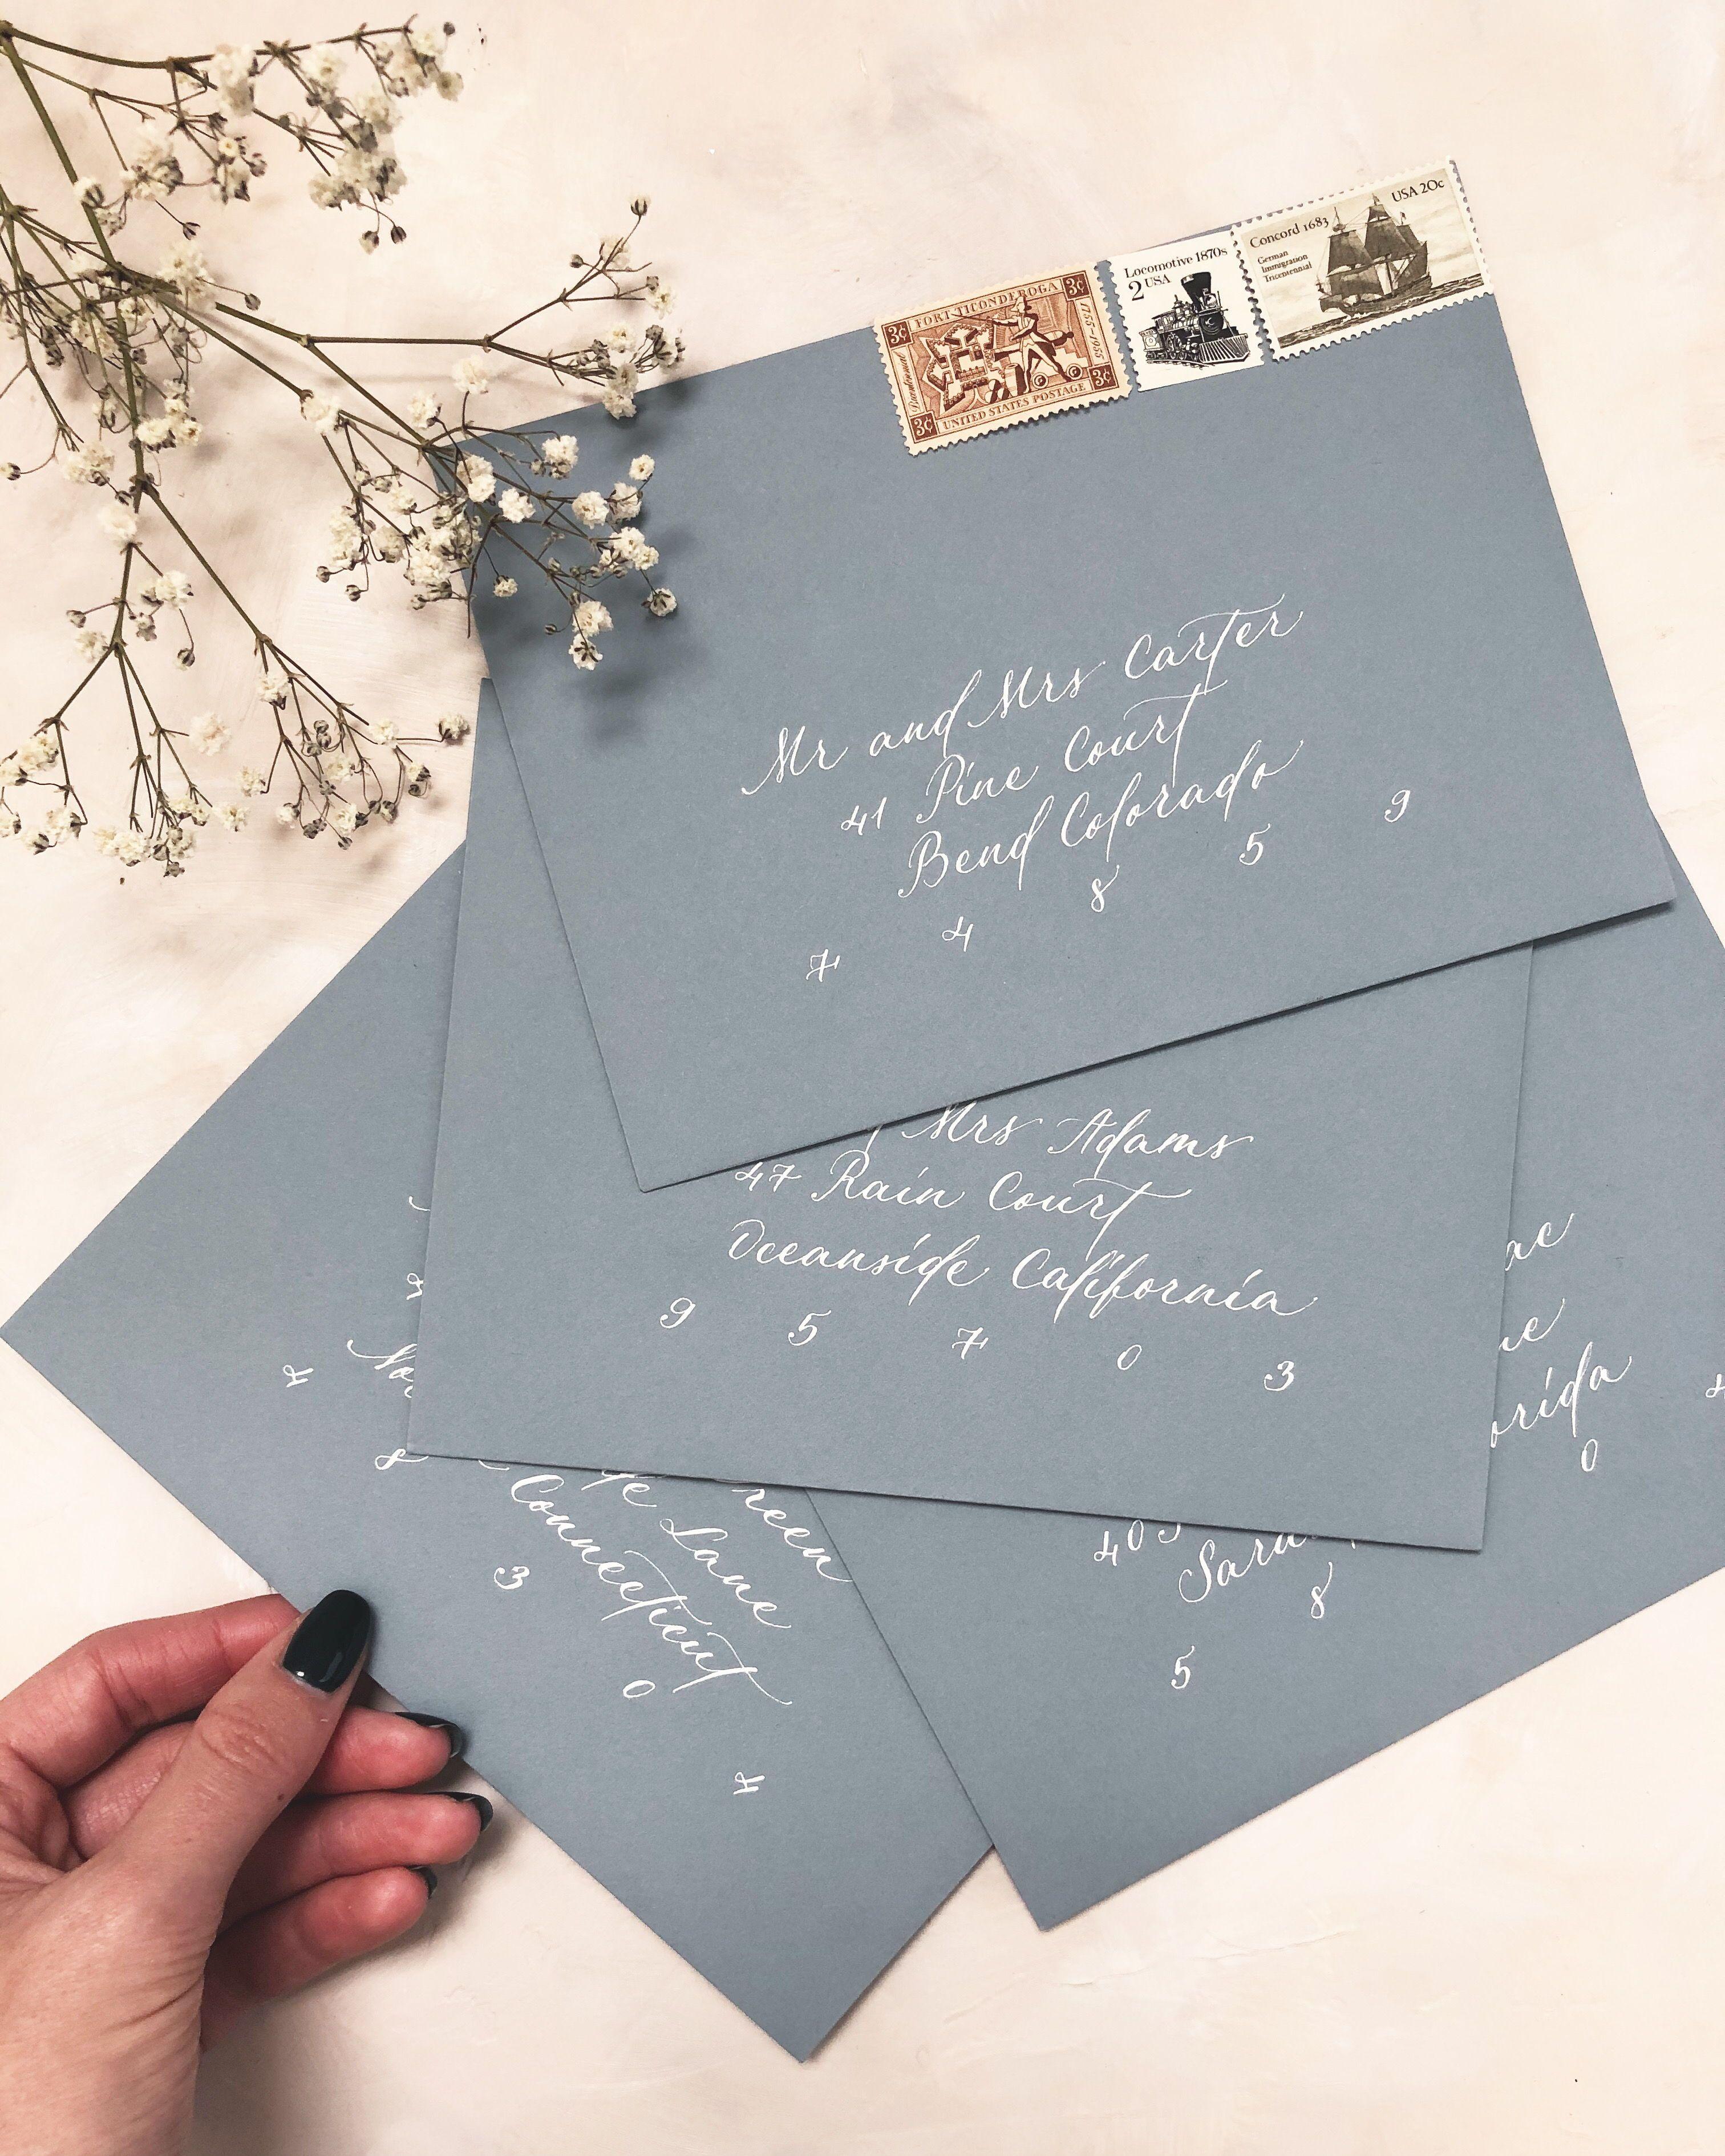 Dusty Blue Wedding Invitations In 2020 Blue Wedding Invitations Wedding Invitations Vintage Wedding Invitations